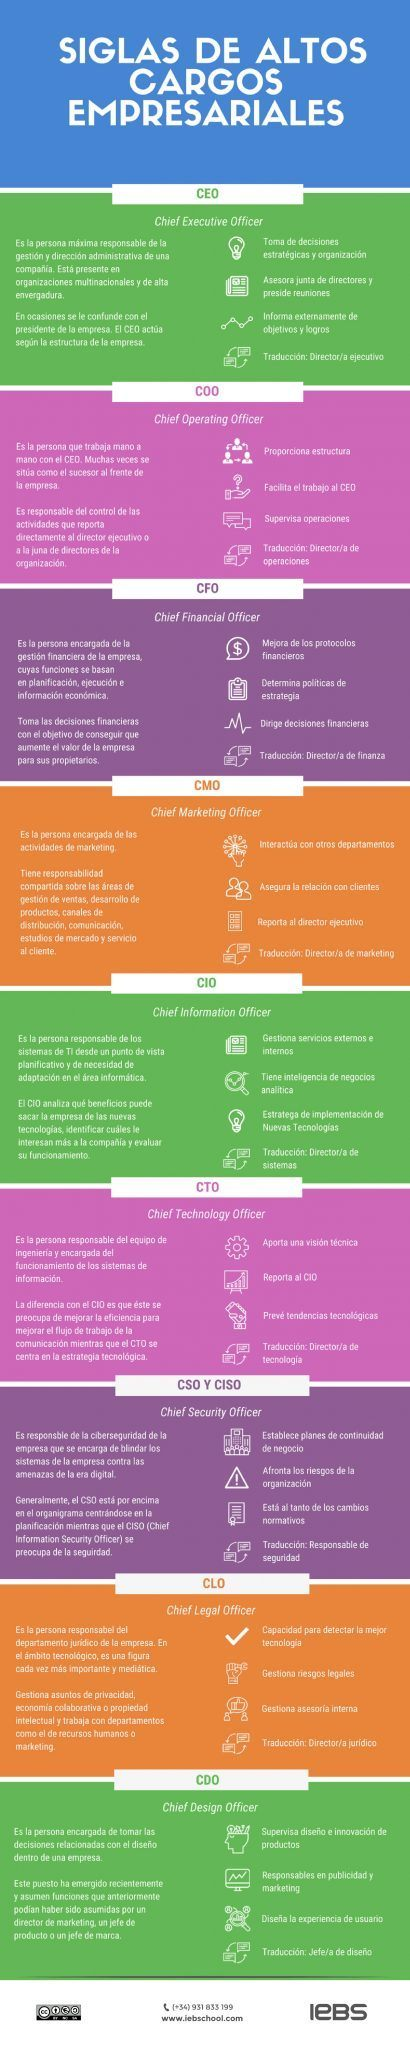 CFO, CIO, COO y otras siglas de altos cargos + [Infografía] - infografia siglas puestos directivos min